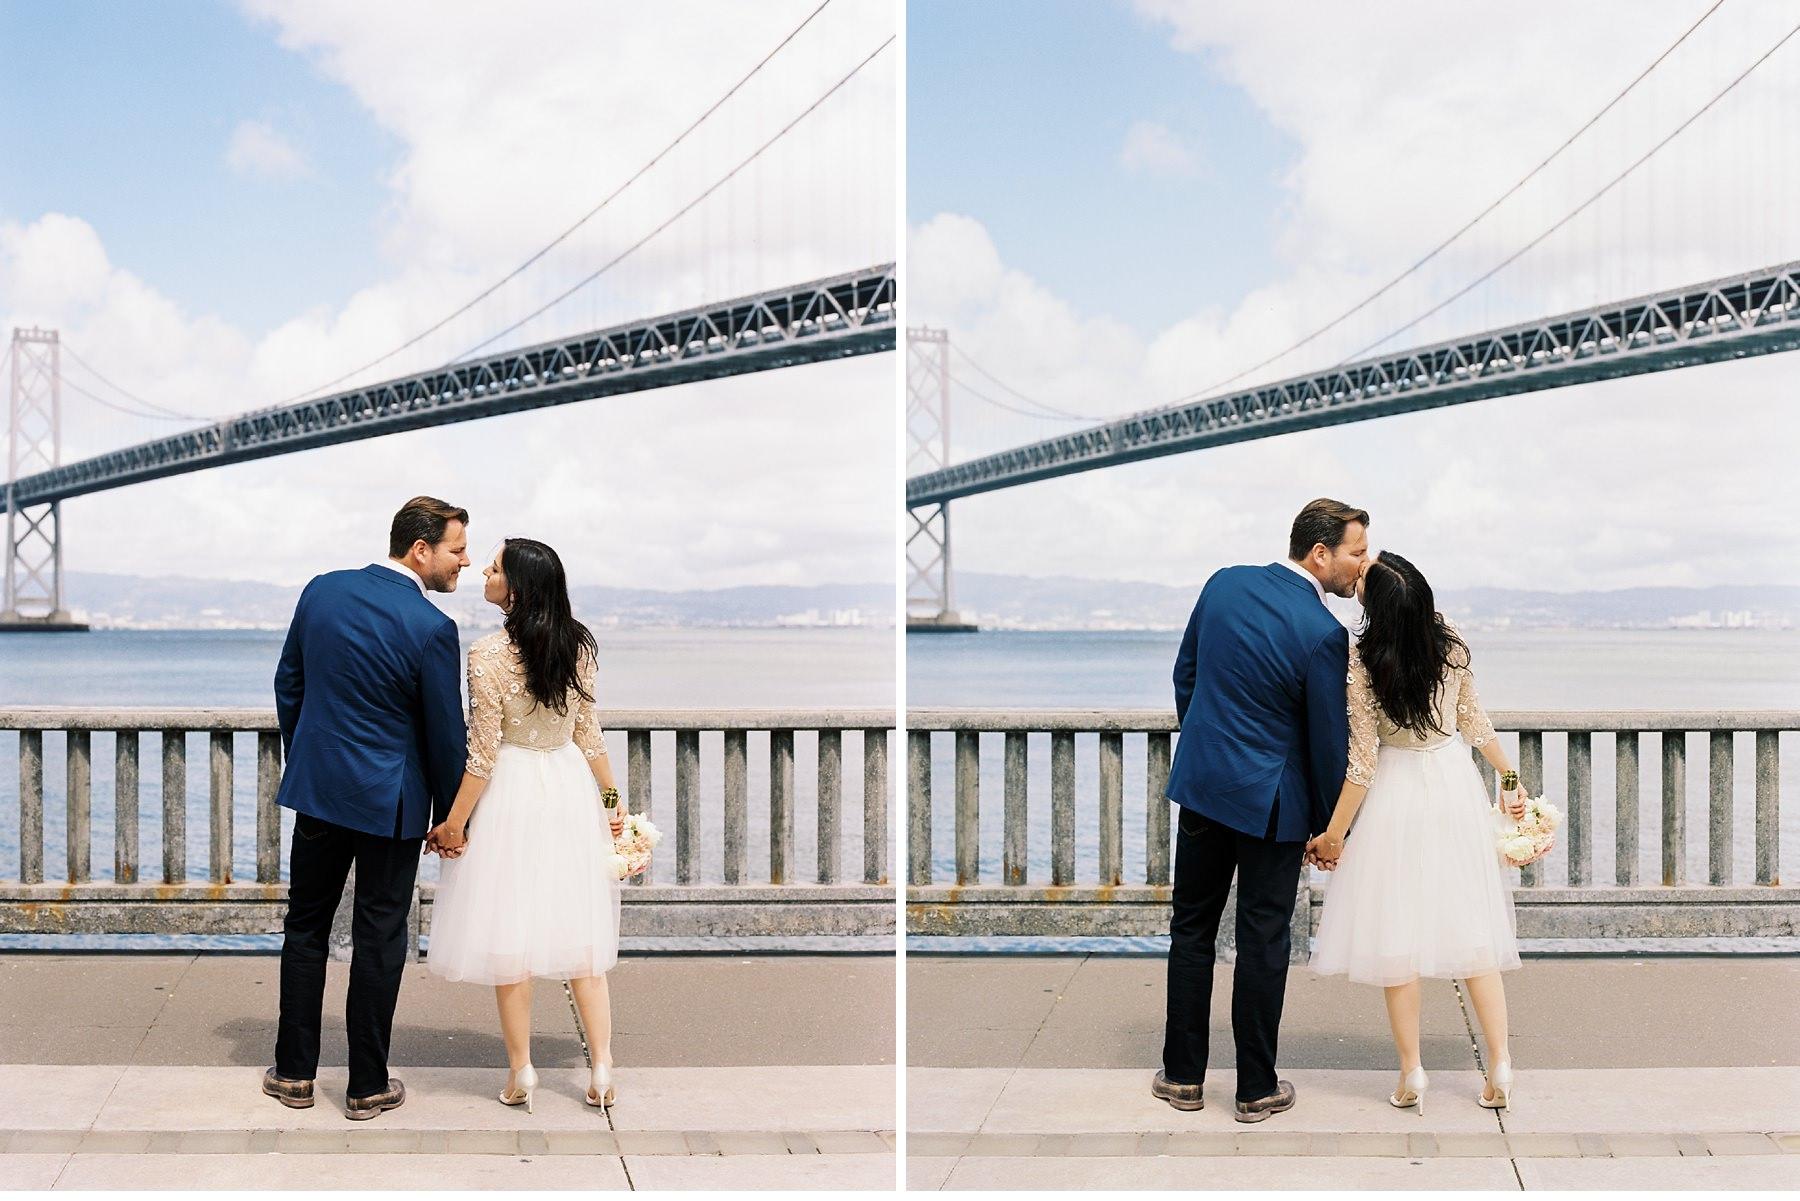 sf-city-hall-wedding-vantigo-tour-california_0018.jpg